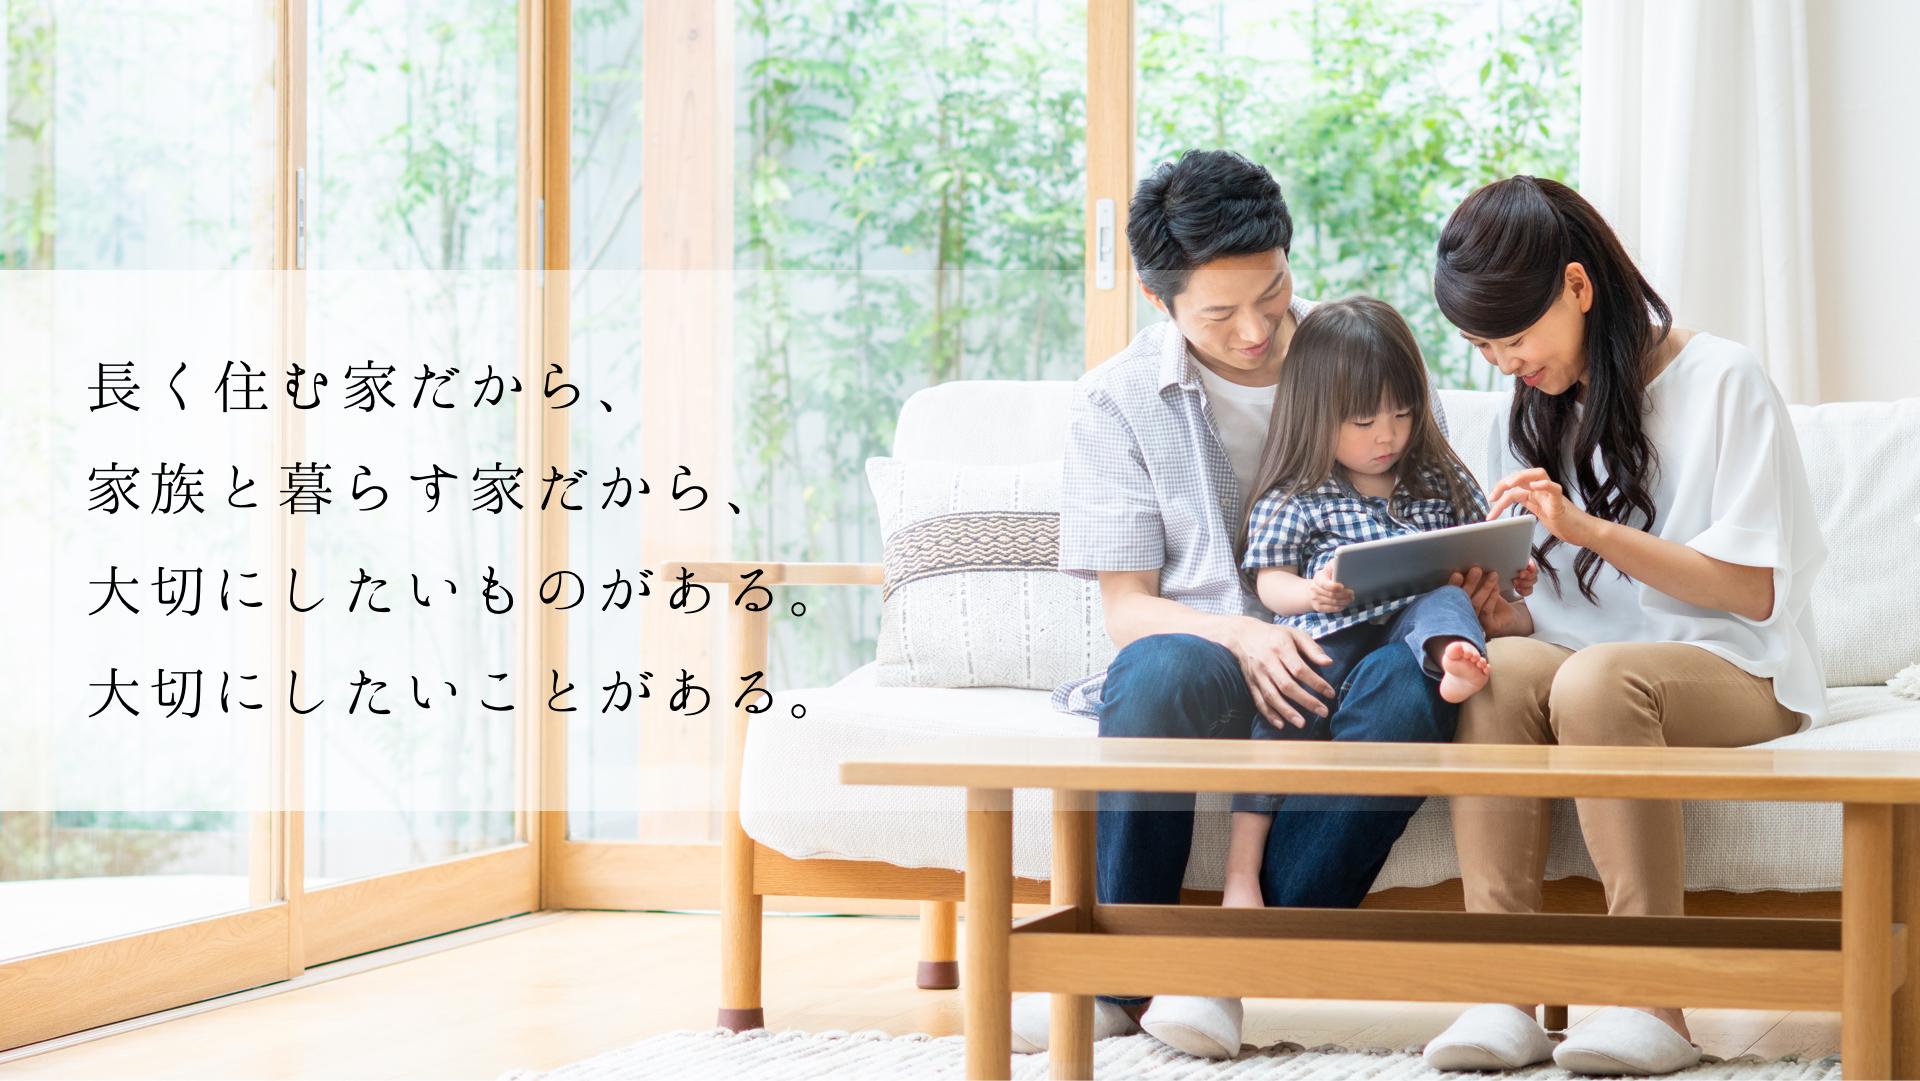 長く住む家だから、家族と暮らす家だから、大切にしたいものがある。大切にしたいことがある。